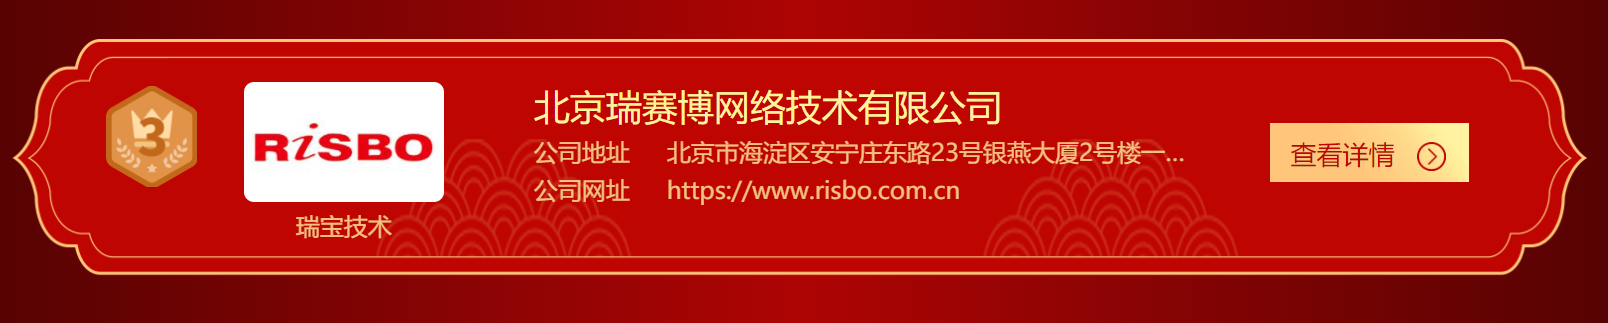 北京瑞赛博网络网络技术有限公司获得2020年度中国无线网桥十大品牌称号(图1)